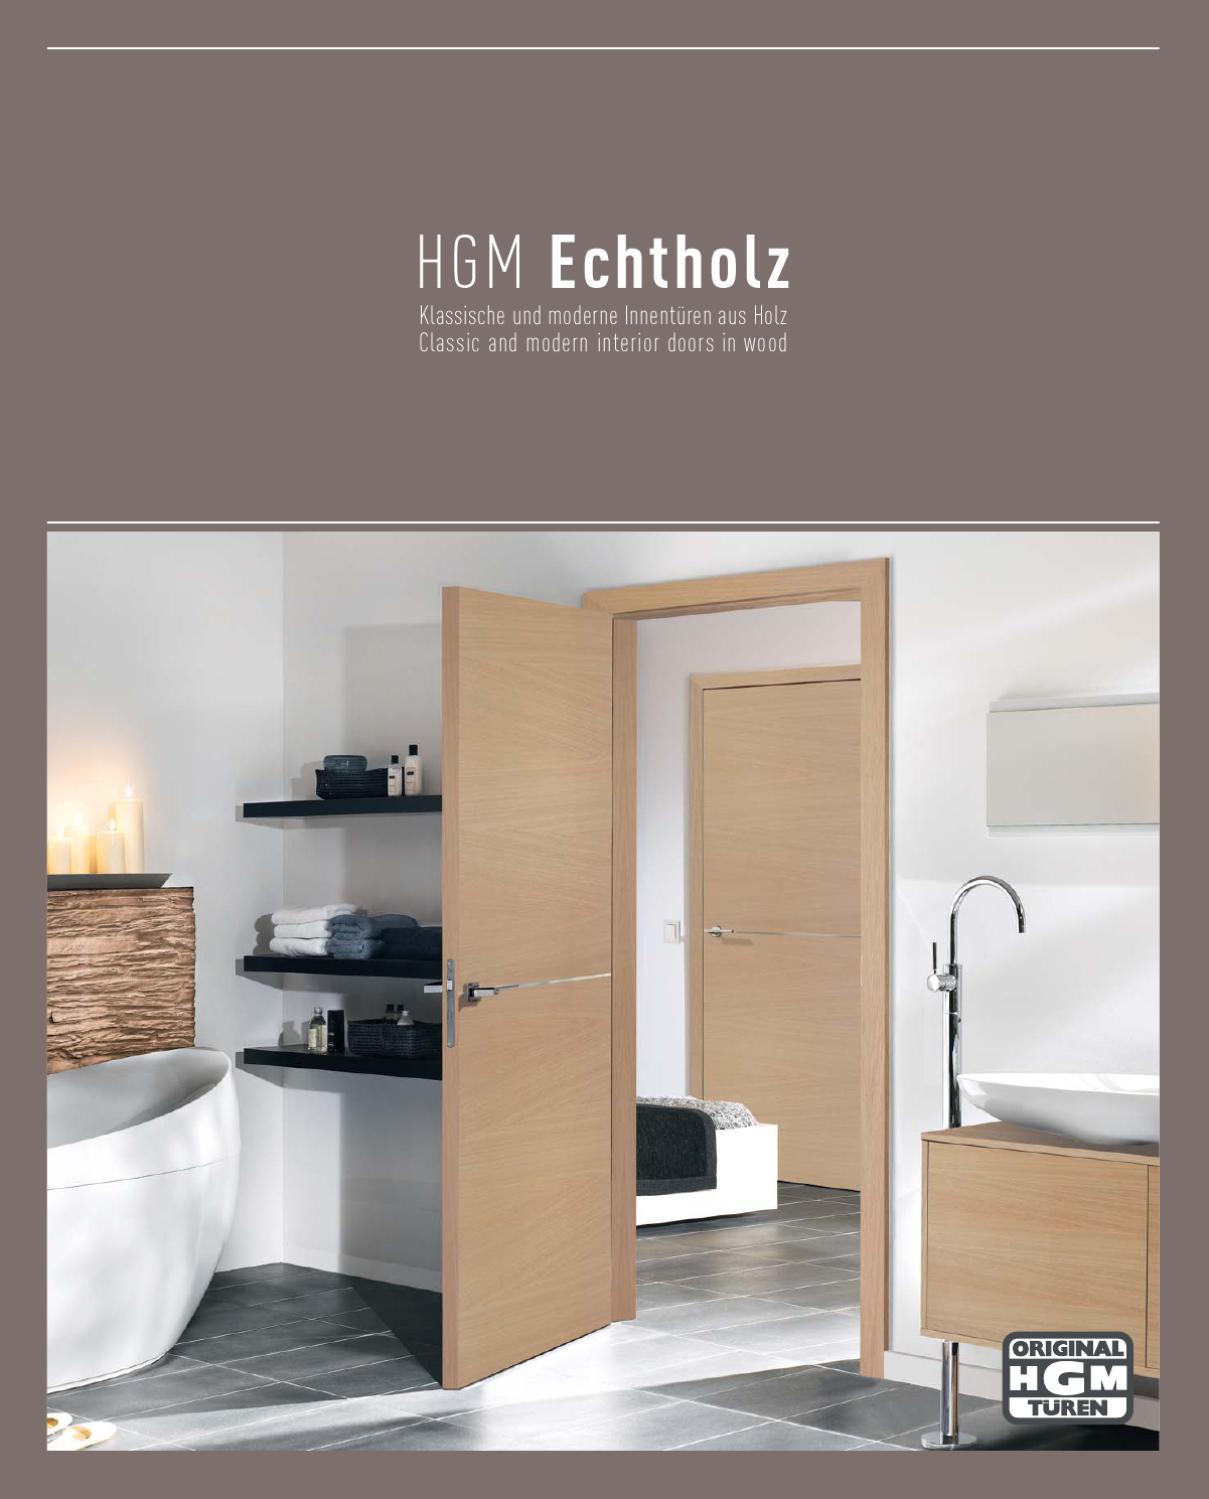 Grauthoff-hgm by Werbeagentur 4c media - issuu